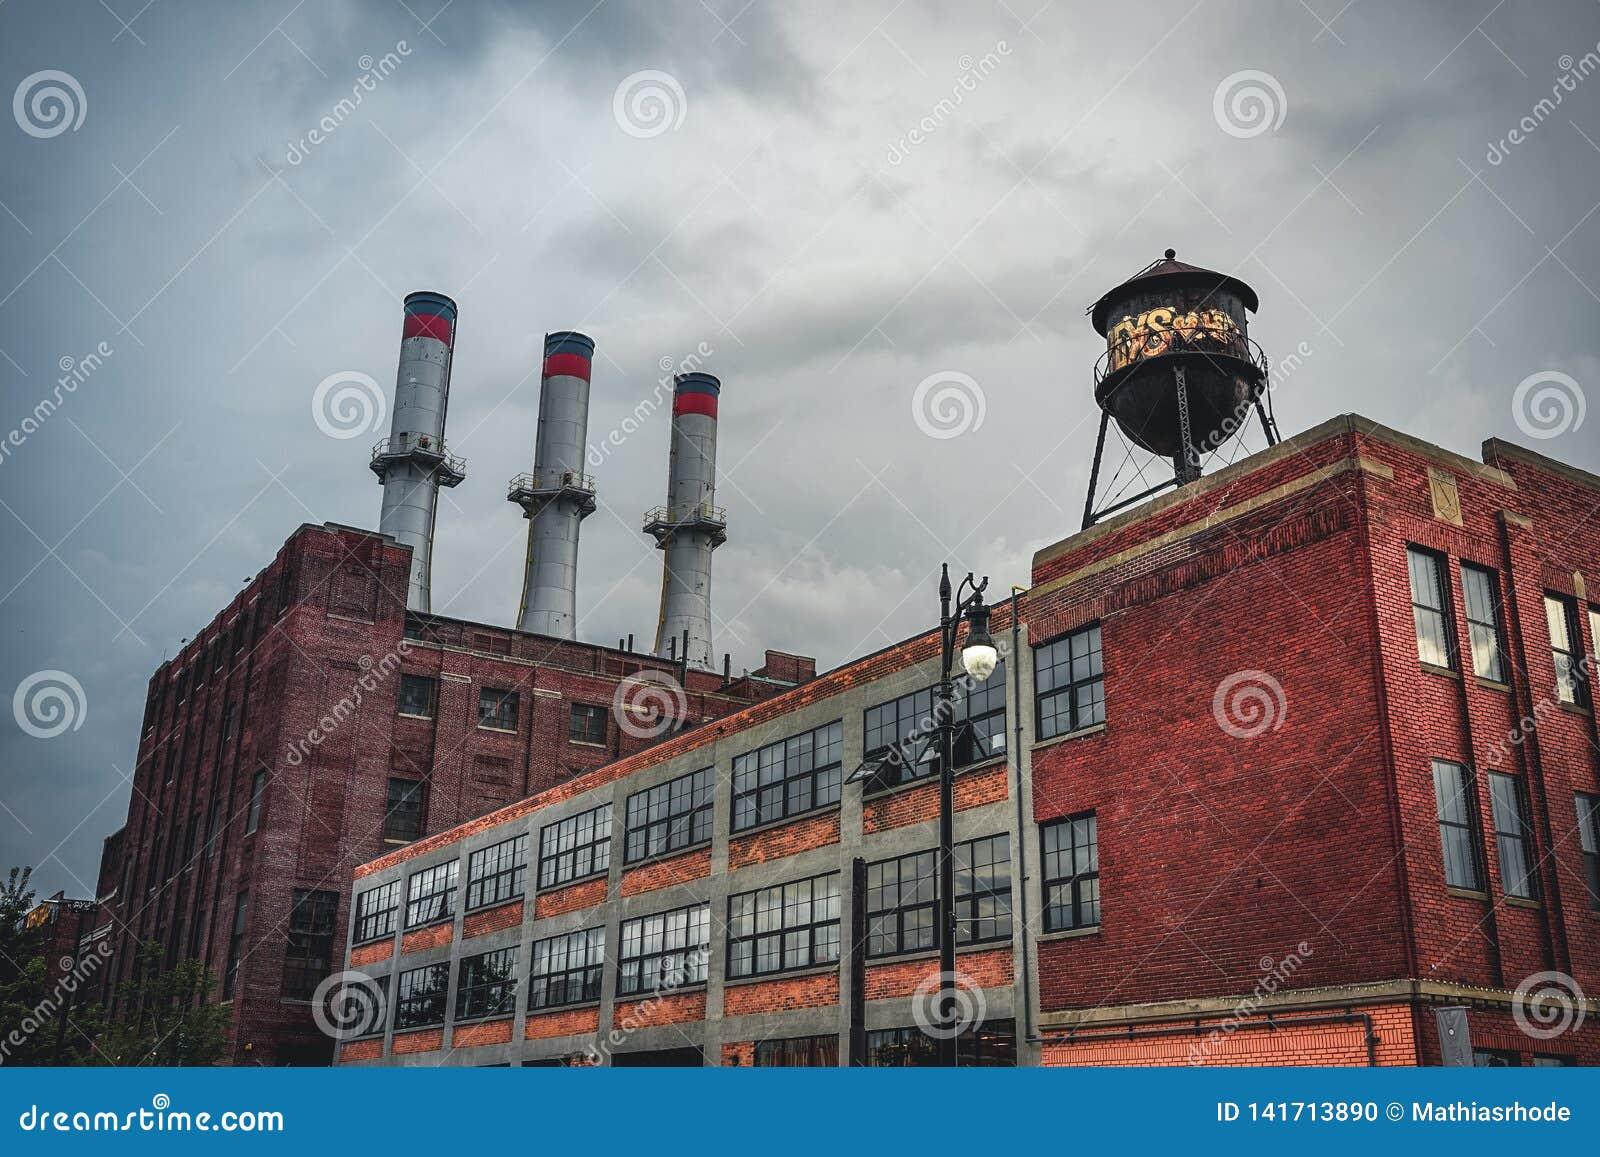 Ντιτρόιτ, Μίτσιγκαν, στις 18 Μαΐου 2018: Άποψη προς το χαρακτηριστικό αυτοκίνητο εργοστάσιο του Ντιτρόιτ με τον πύργο και την καπ